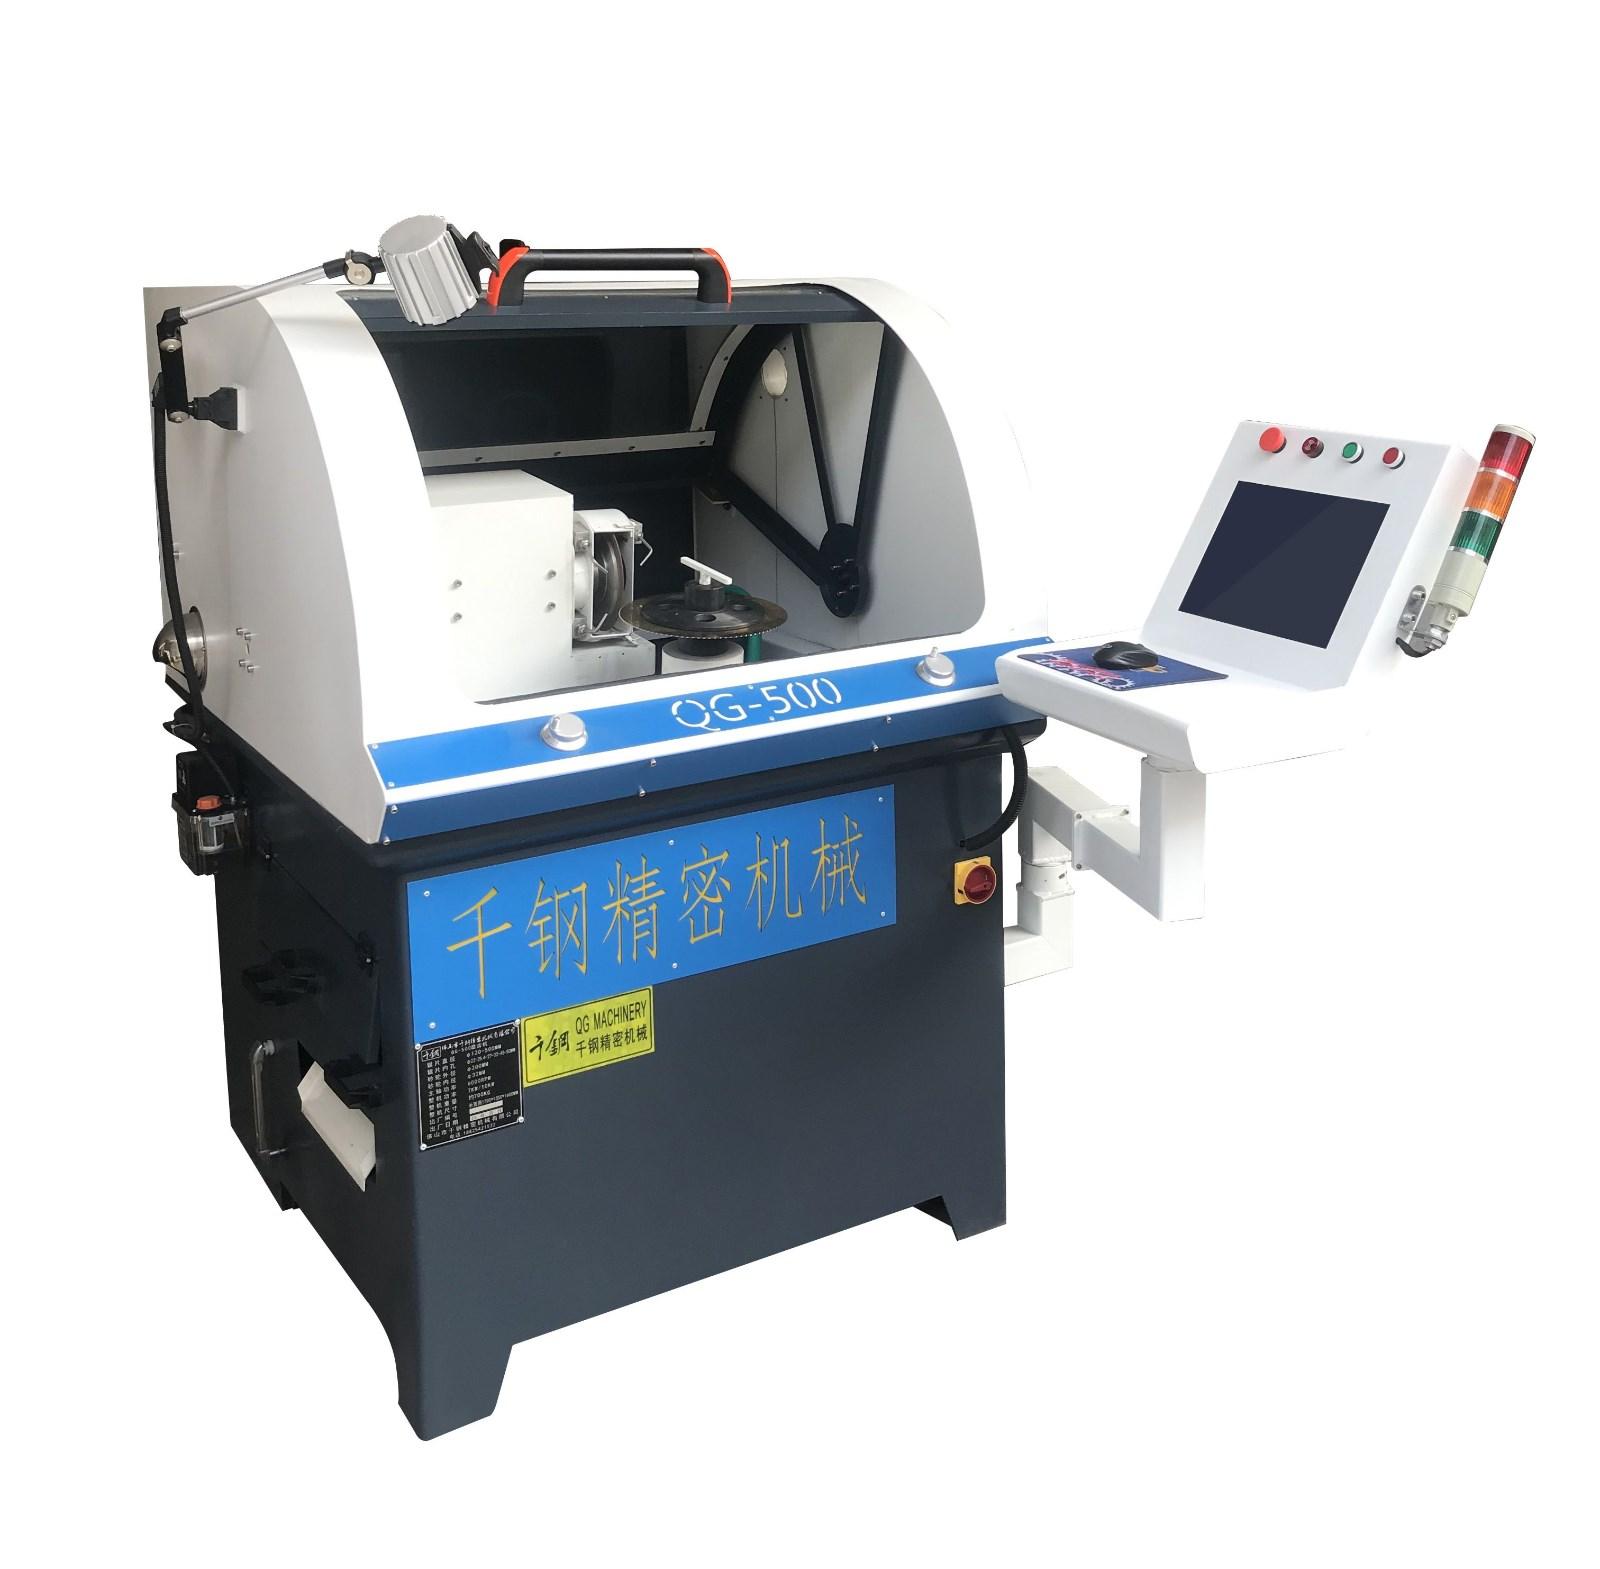 Muwei hot sale bench belt sander manufacturer for frozen food processing plants-1